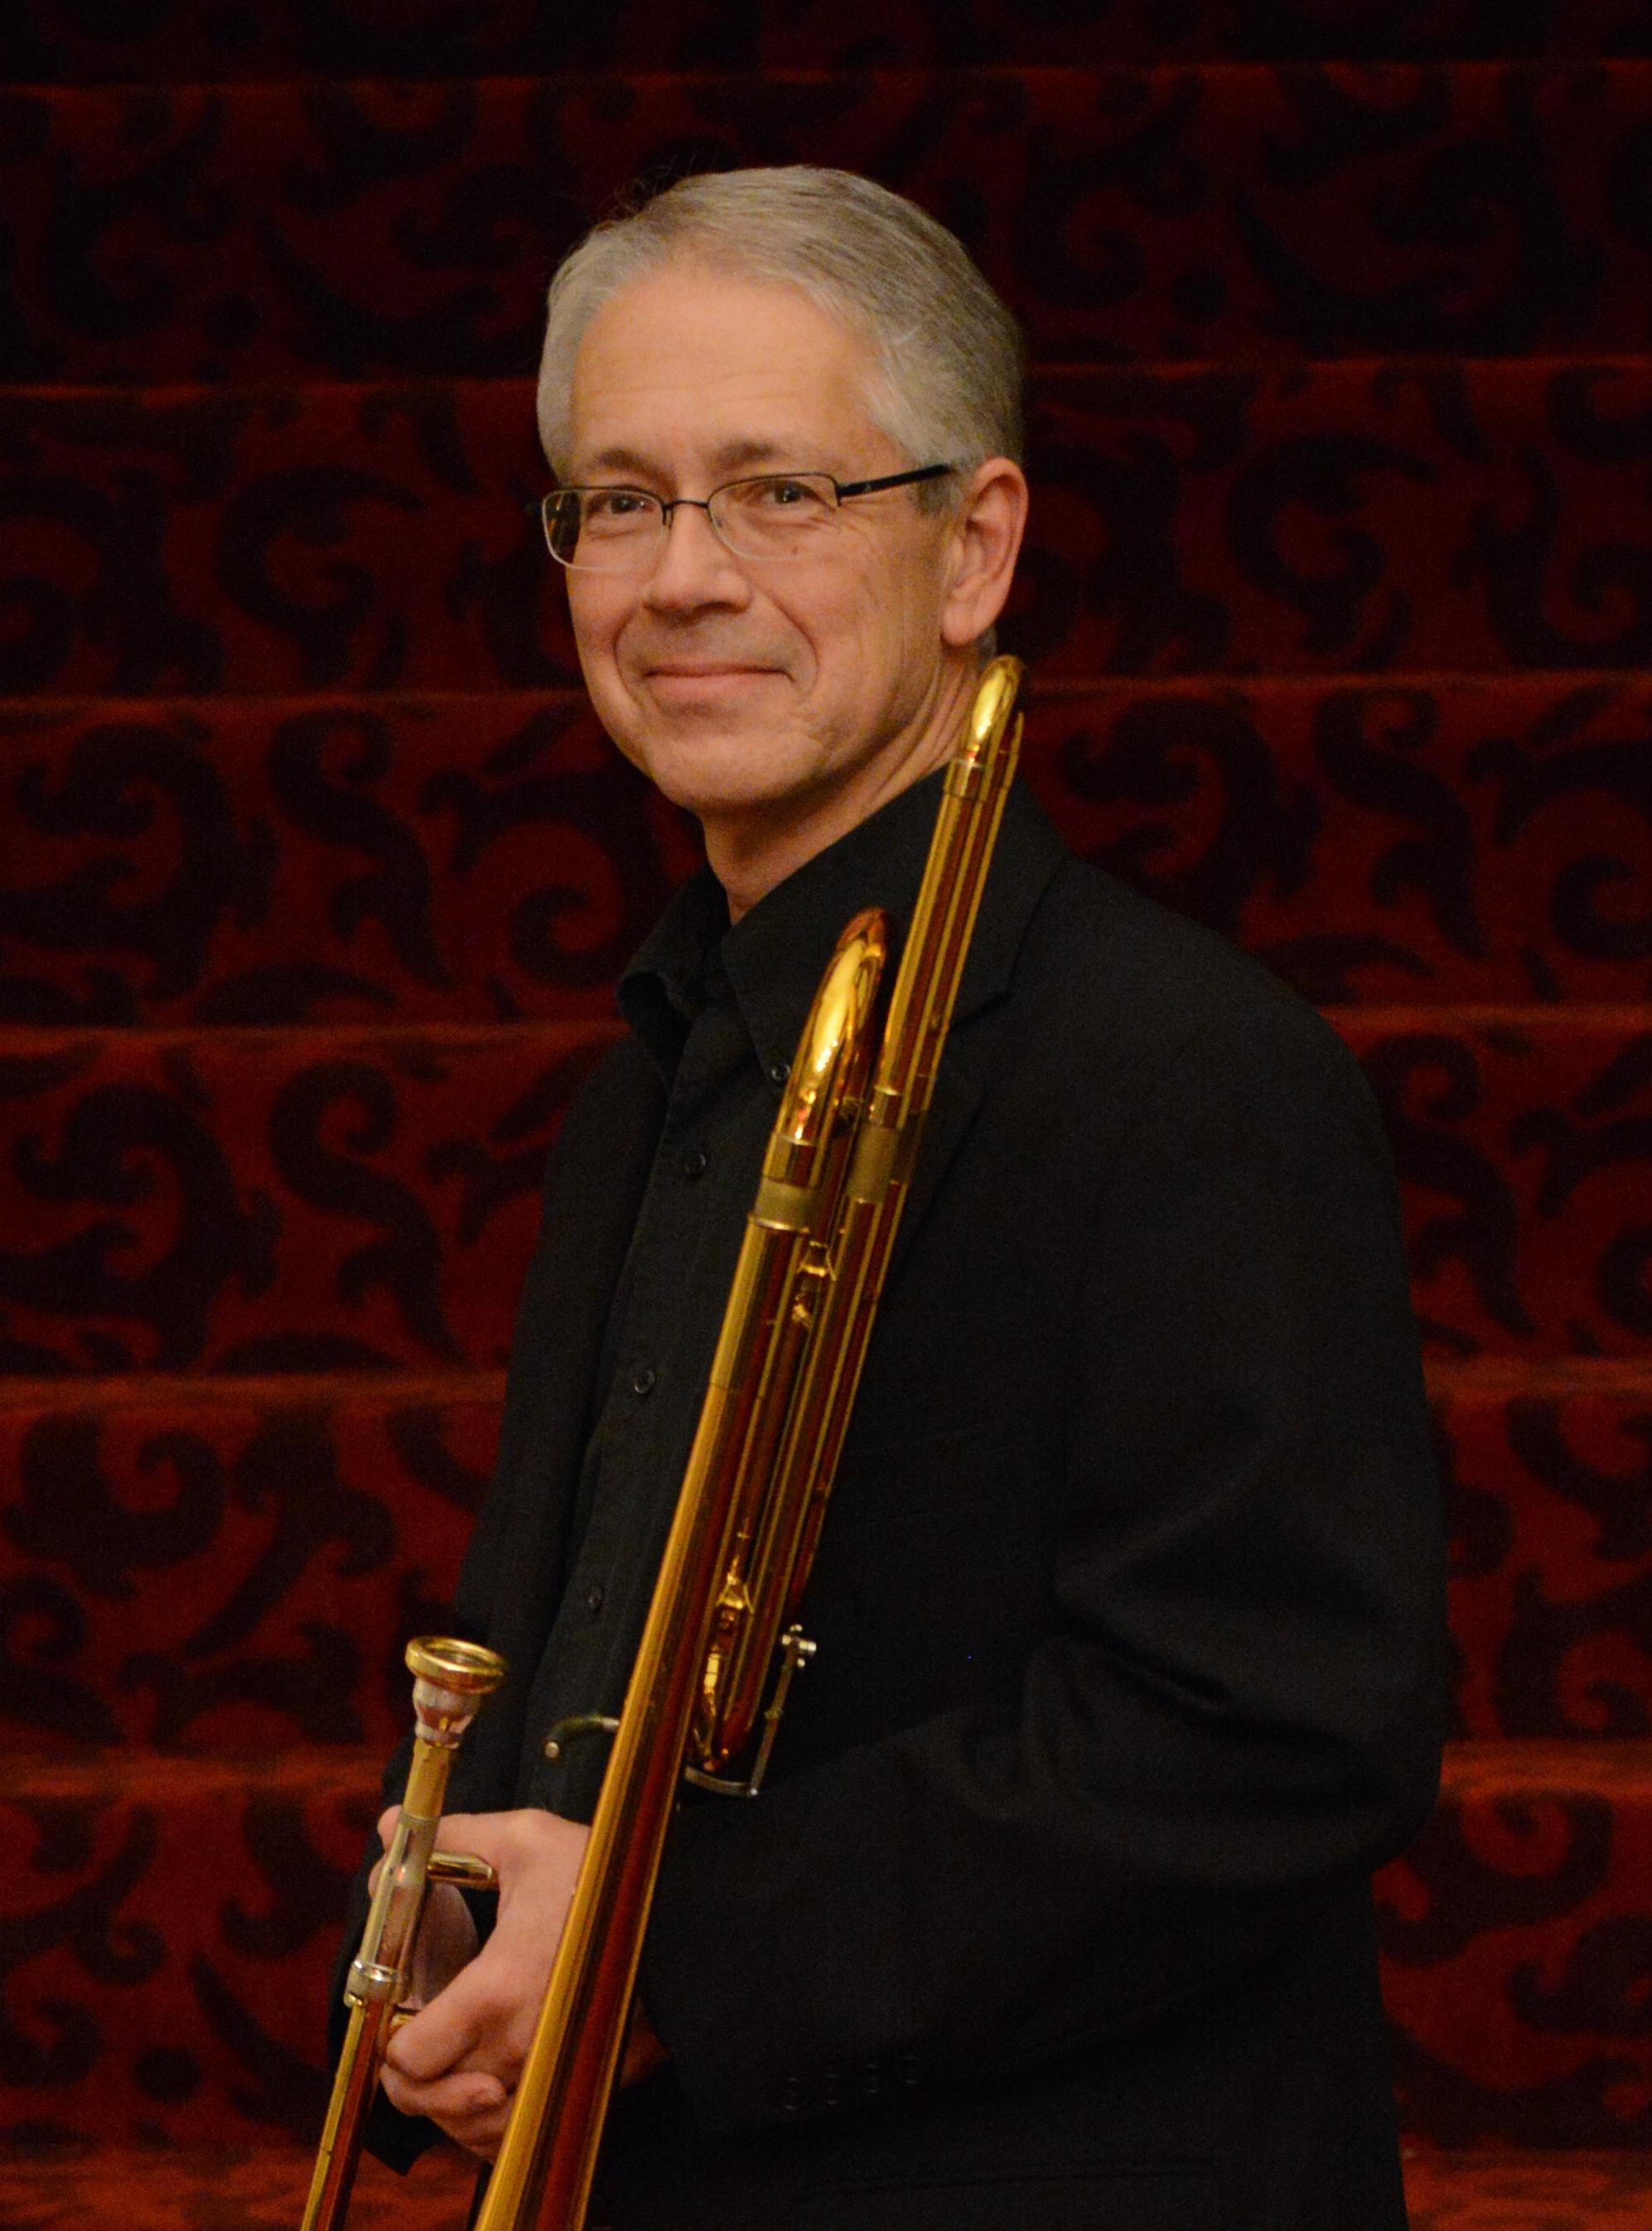 Ben Smar - Trombone